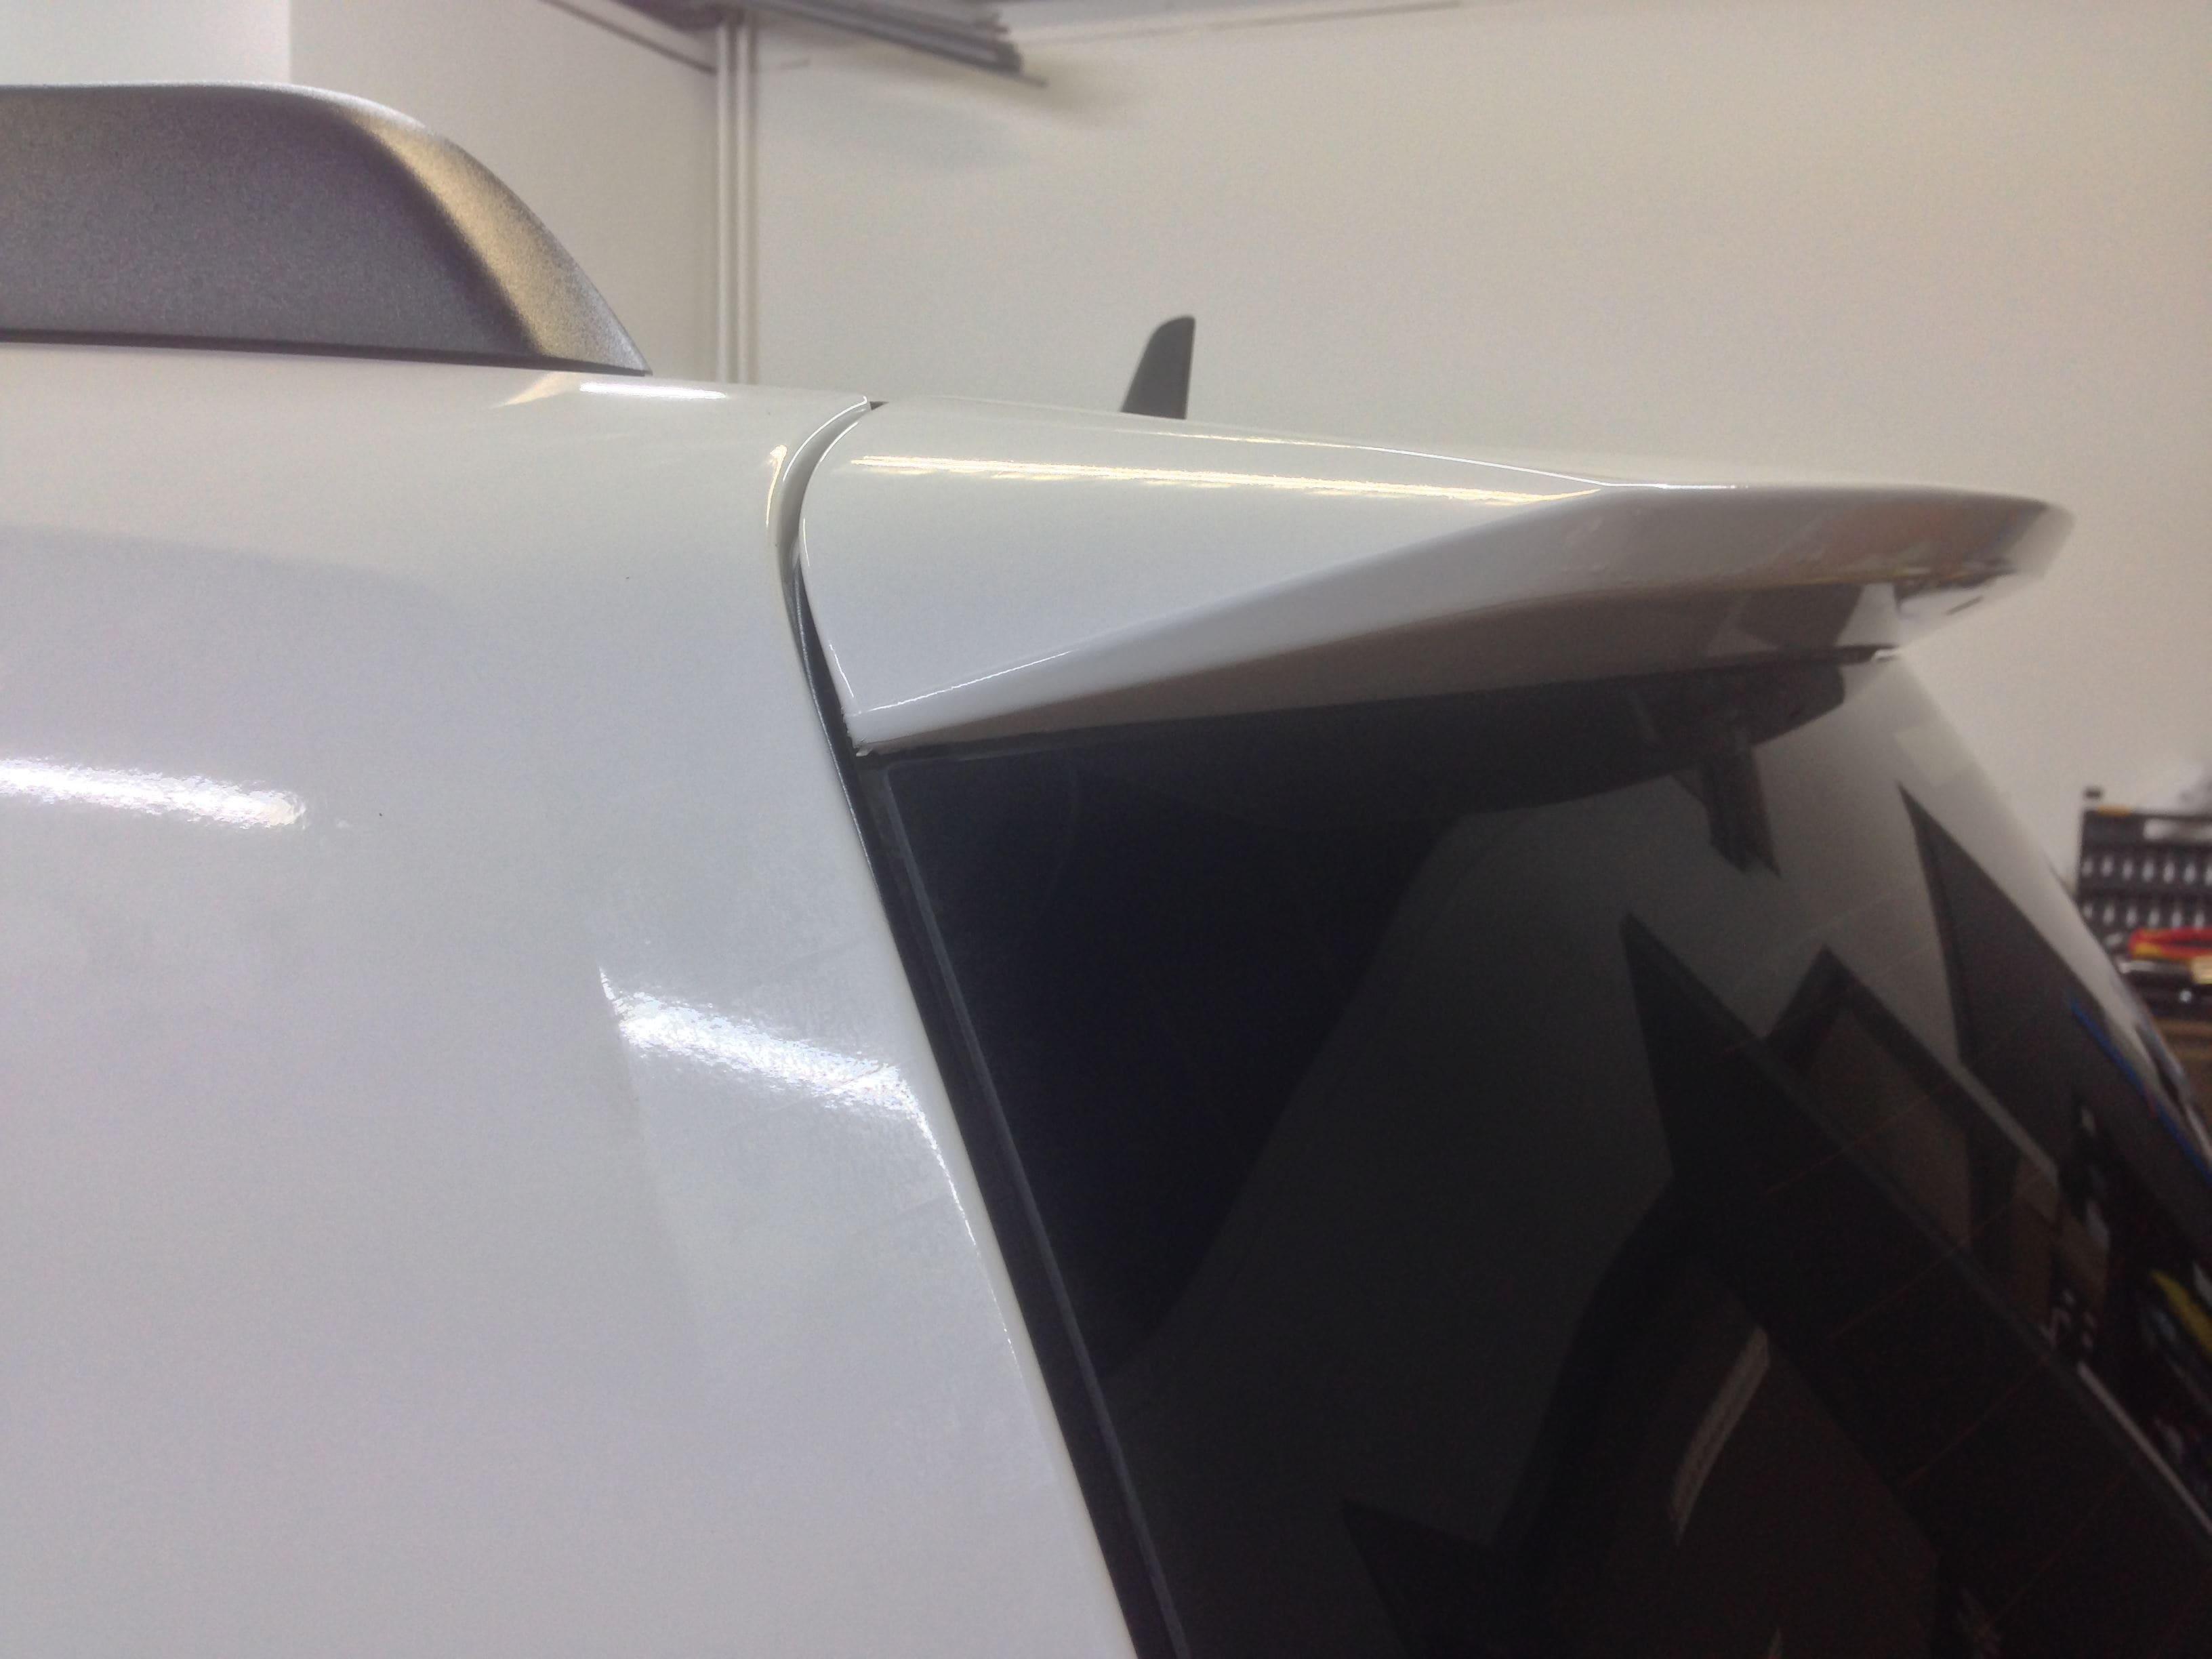 Mercedes GLK met Glossy White Wrap, Carwrapping door Wrapmyride.nu Foto-nr:6305, ©2020